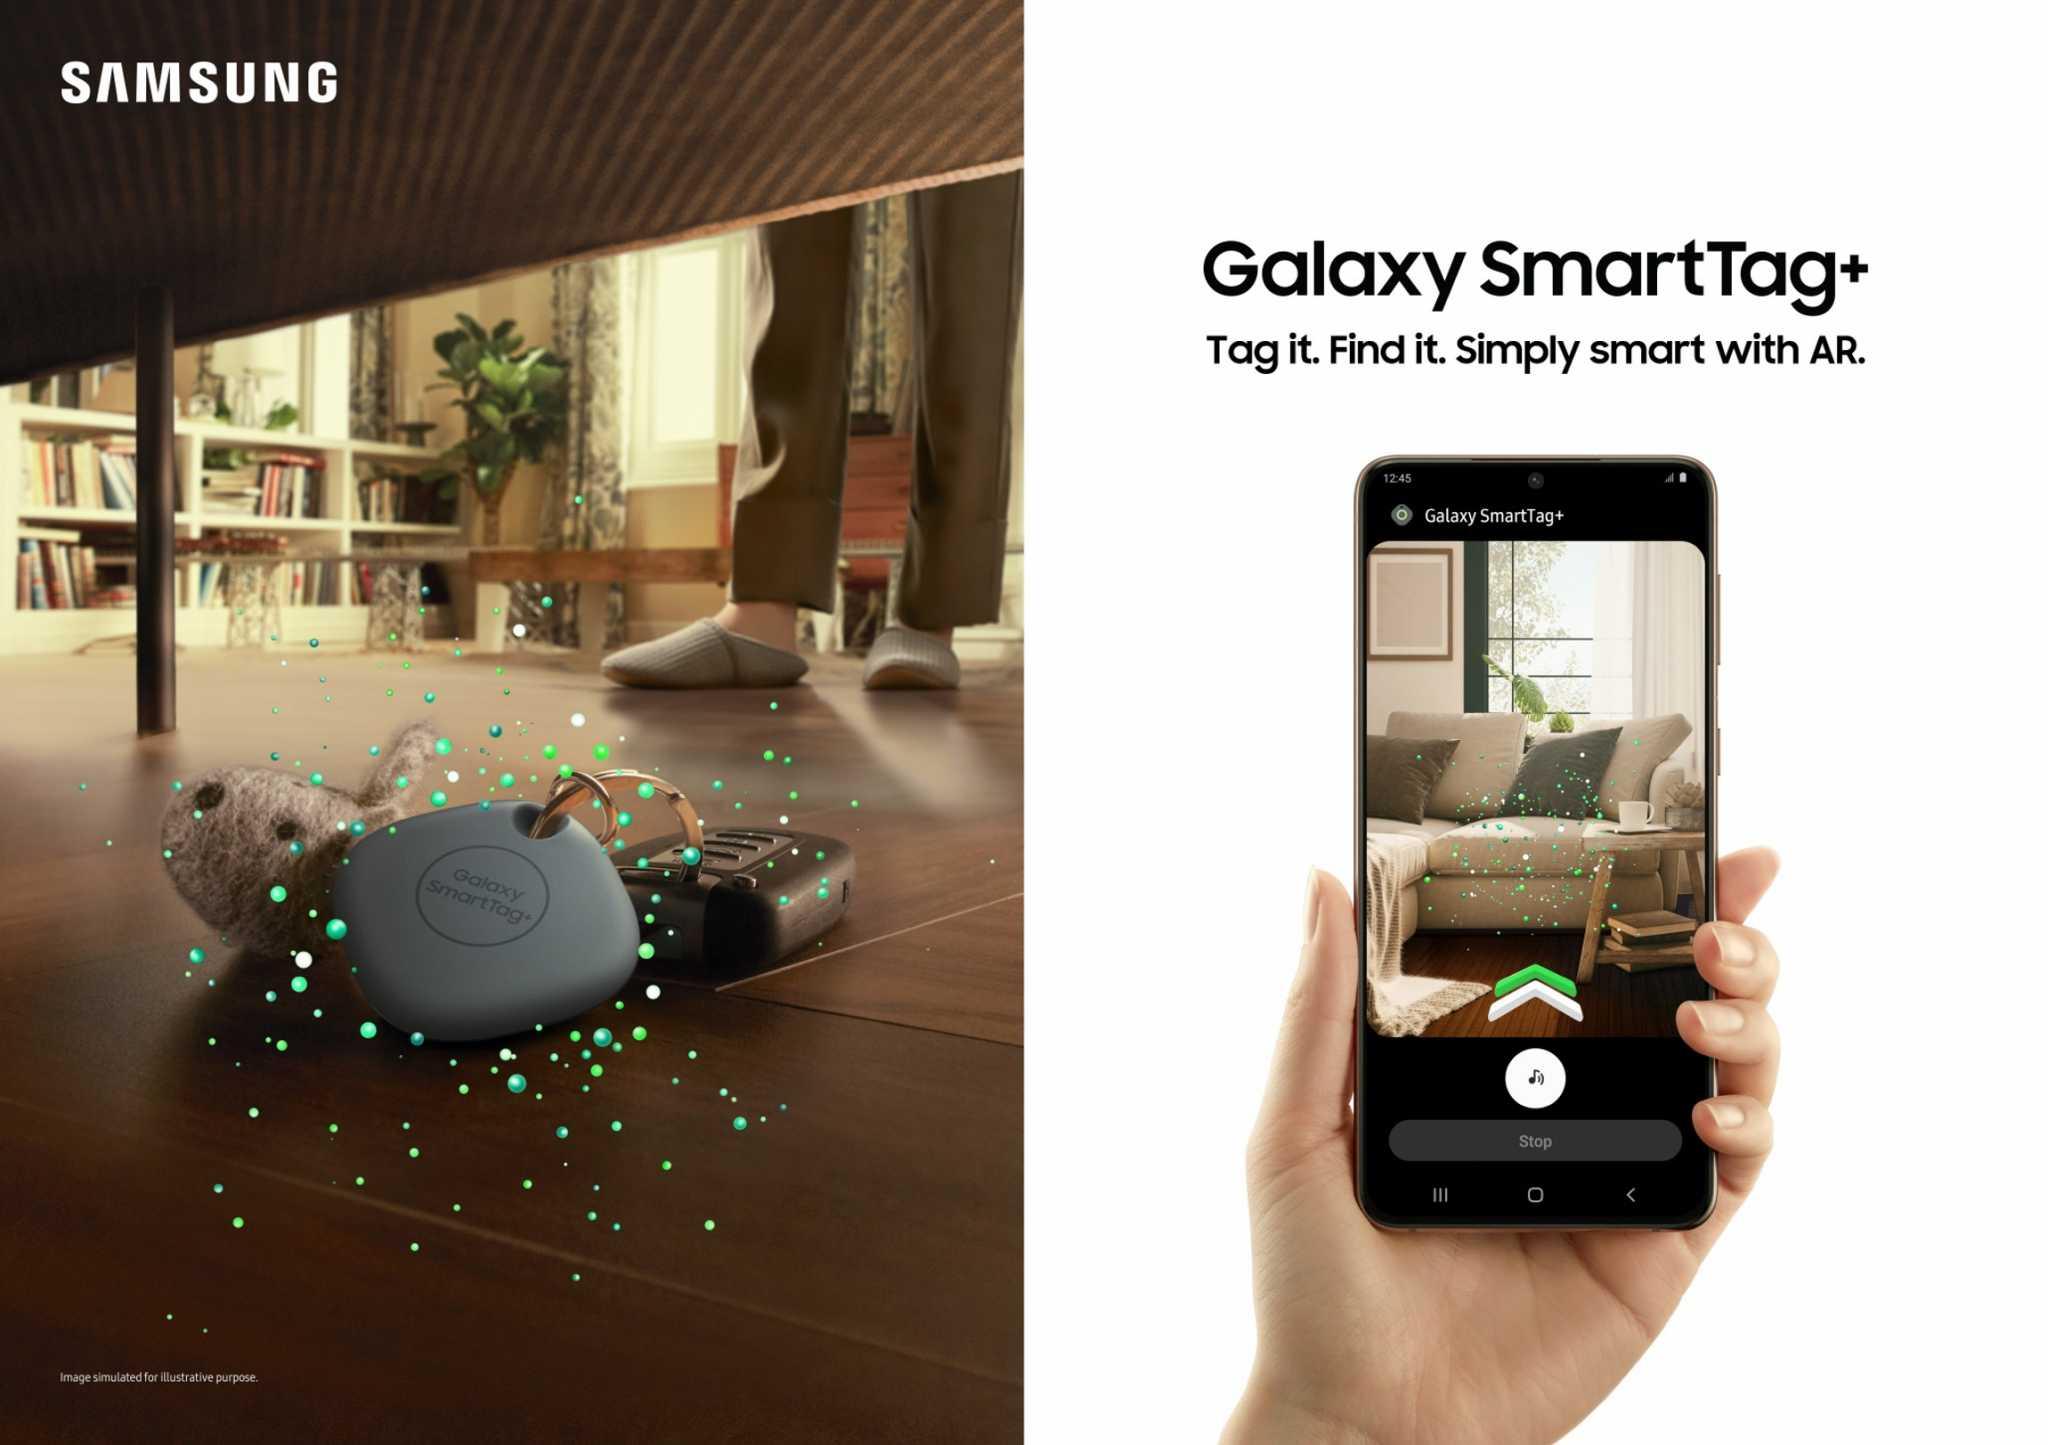 Αυτό το smarphone θα σας βοηθάει να βρίσκετε χαμένα αντικείμενα